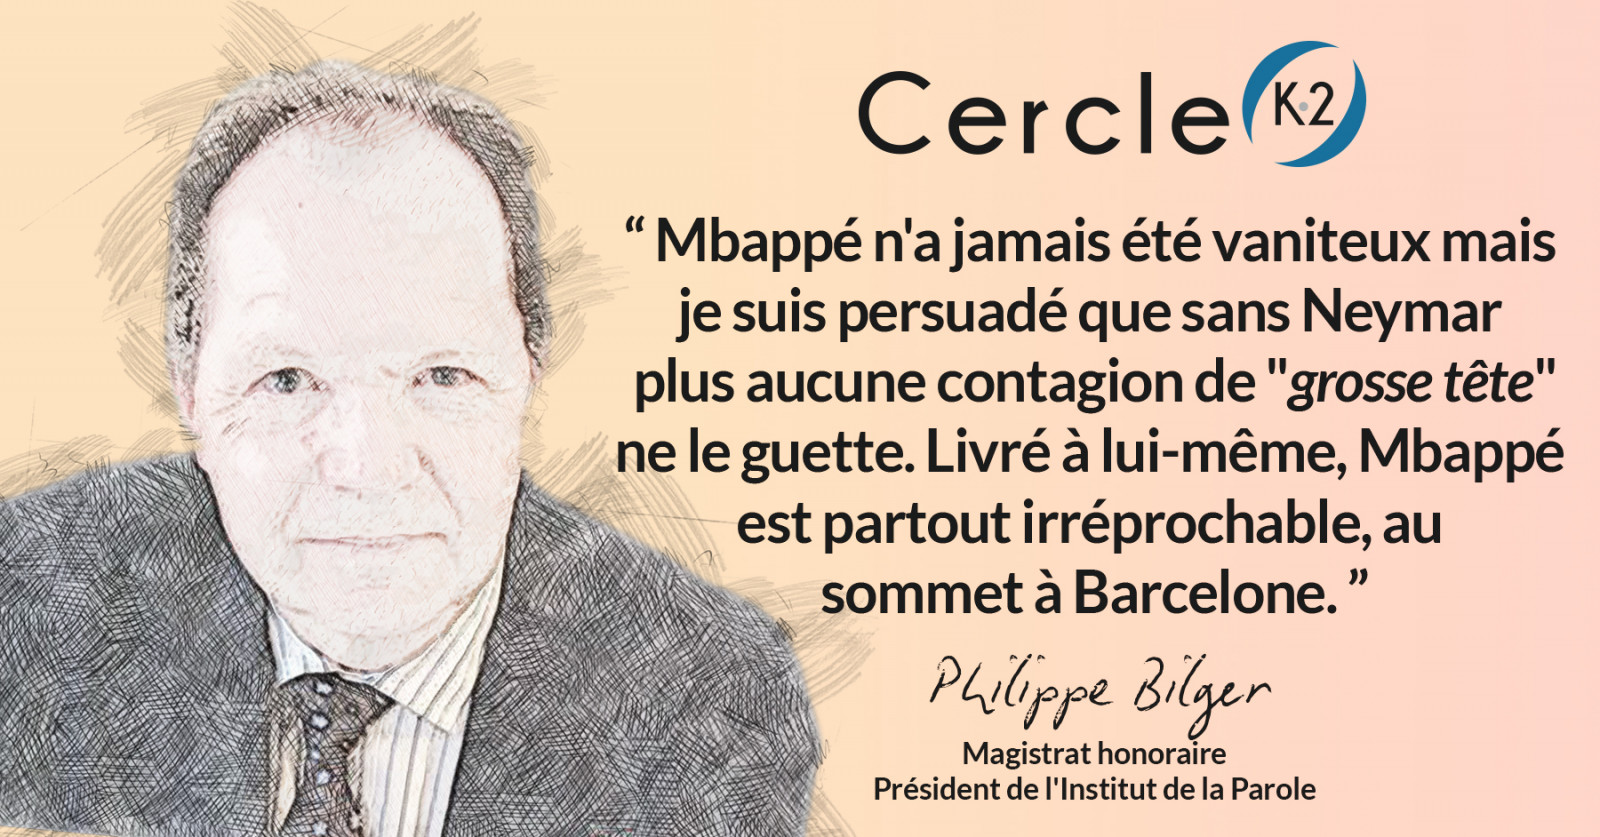 Mbappé-Neymar : un de trop comme en politique ! - Cercle K2